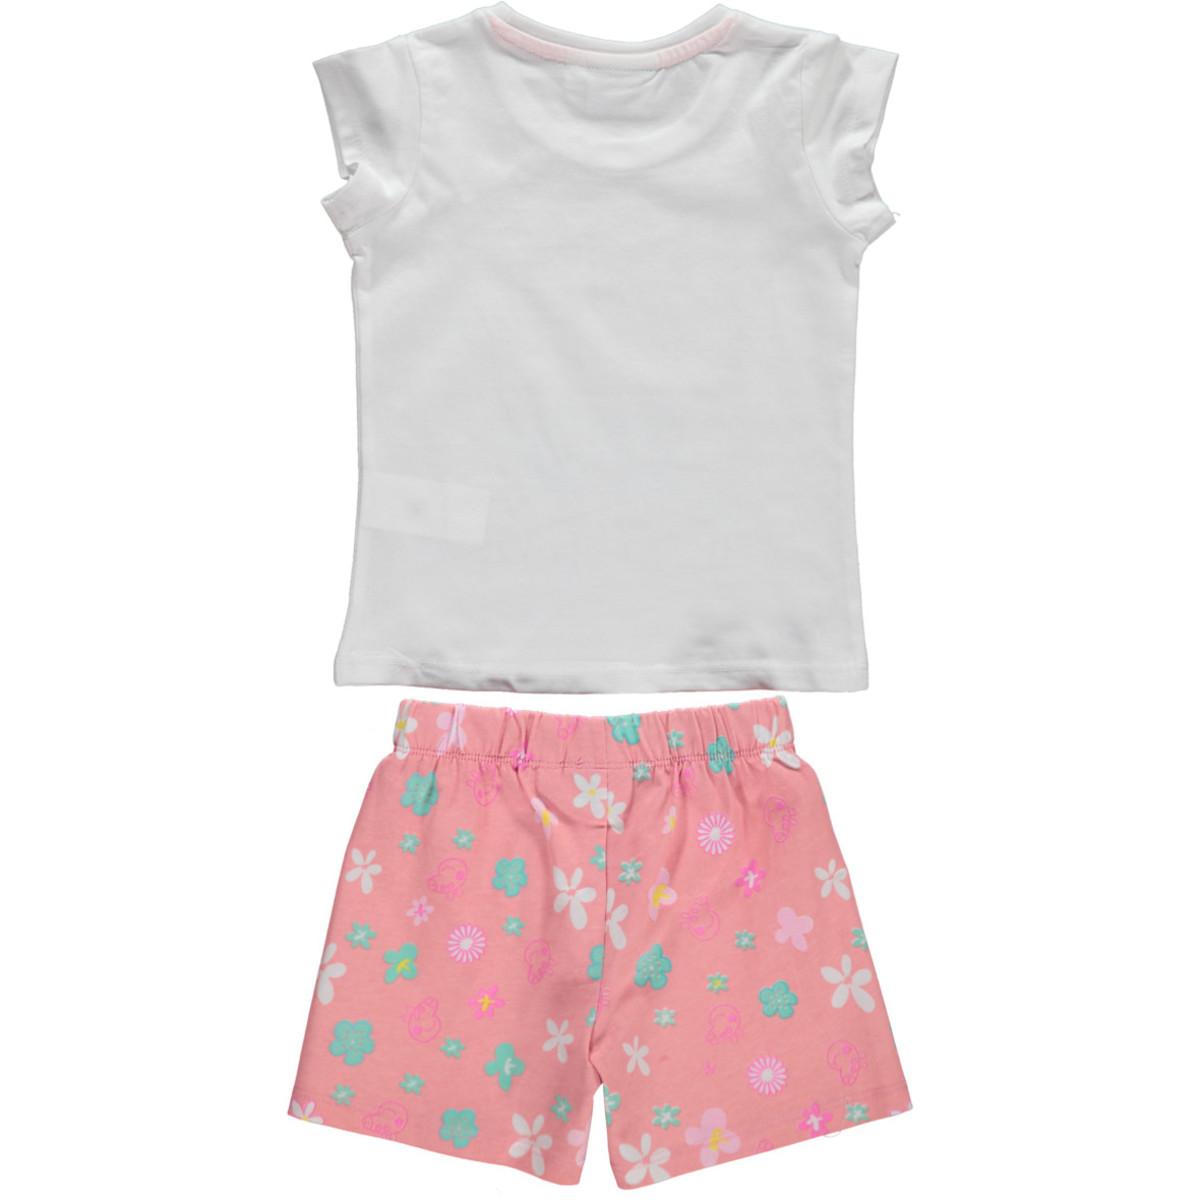 Bild 2 von Mädchen Pyjama Shorty